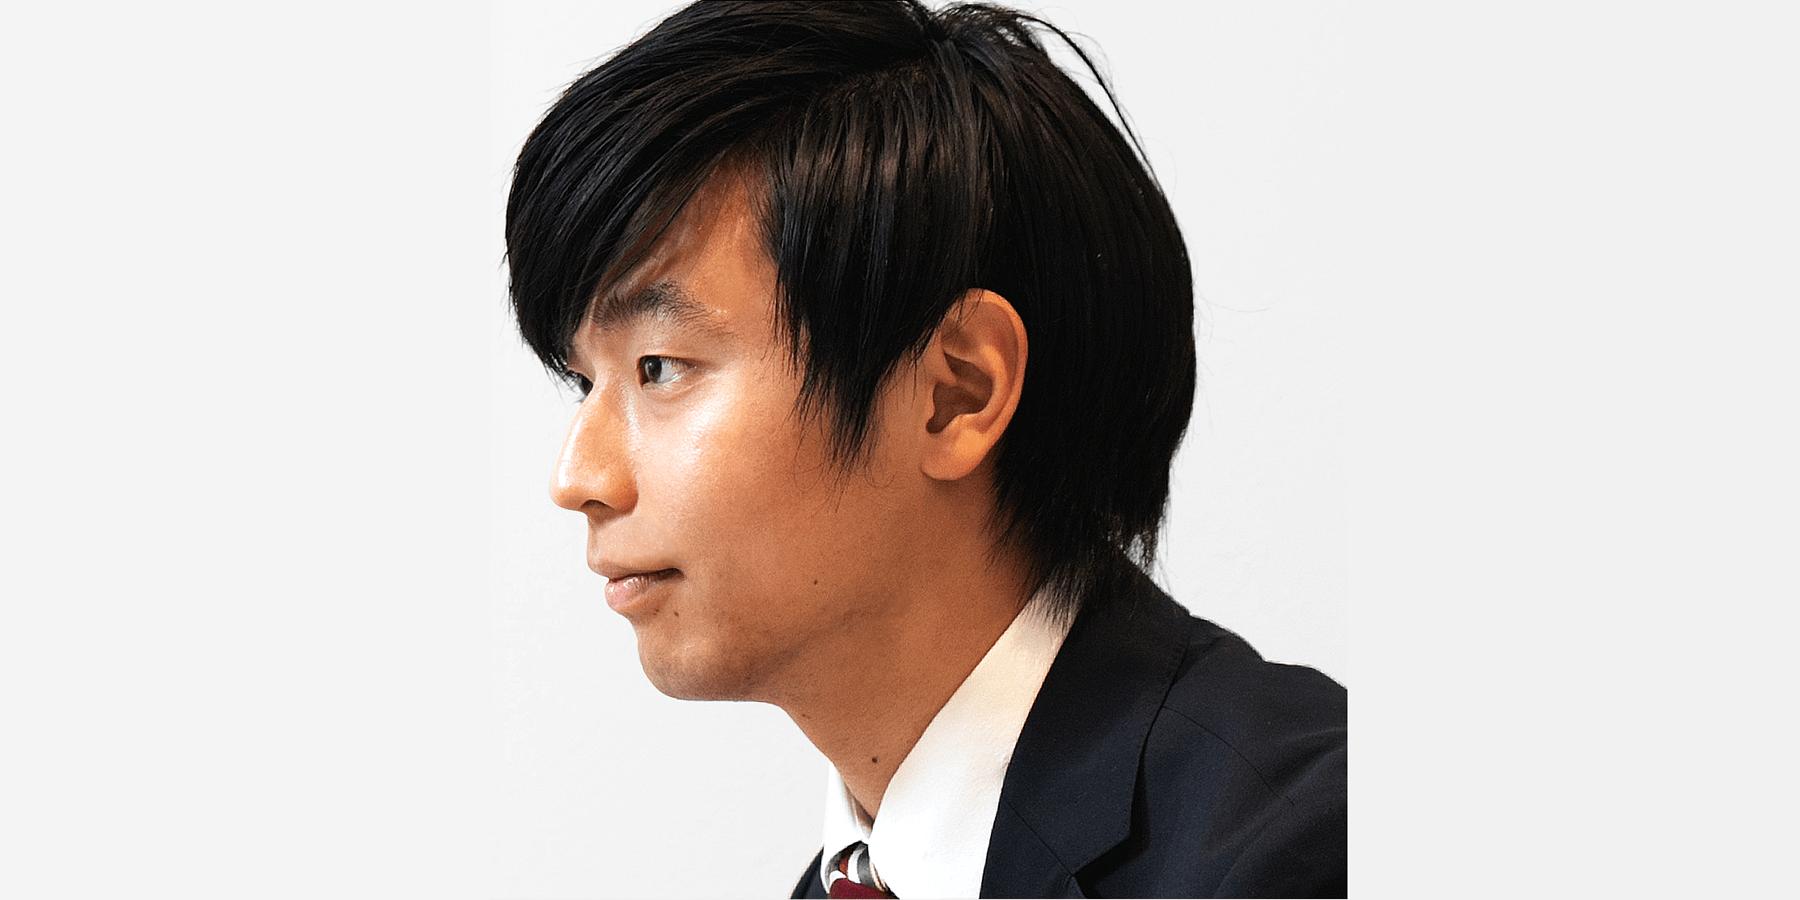 【写真】若い男性エンジニアの横顔